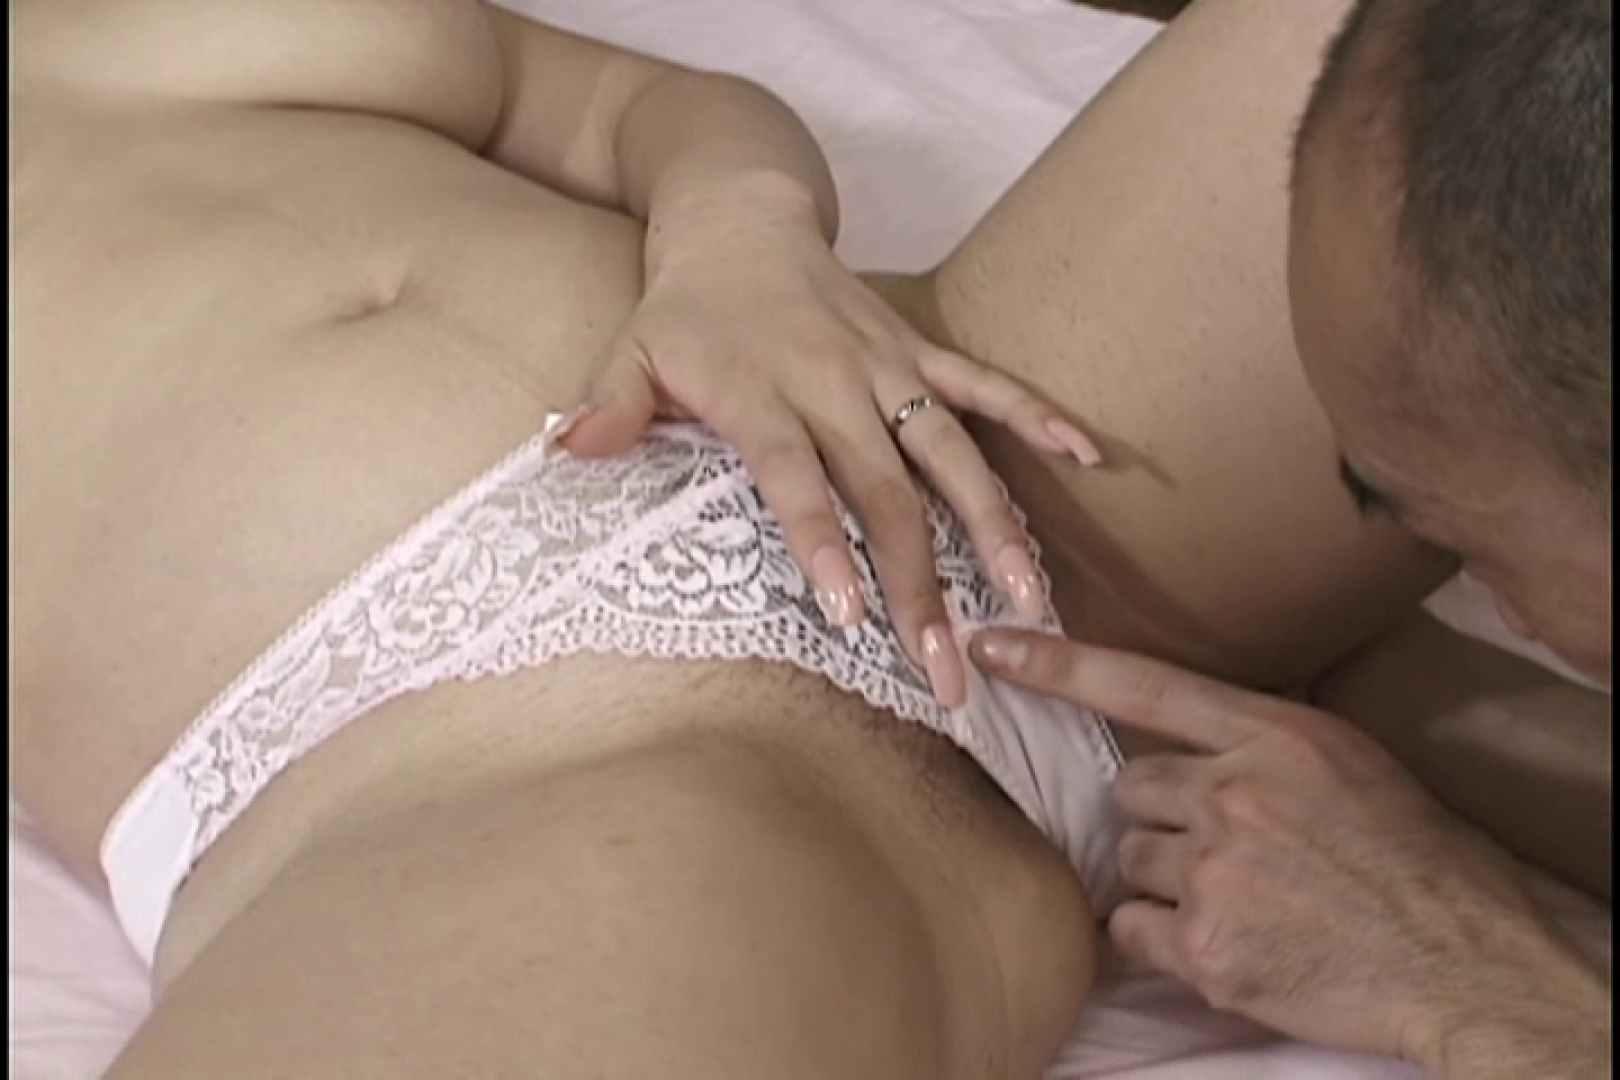 エロフェロモン全開の90センチ巨乳の淫乱人妻とSEX~篠崎麻美~ 人妻達のヌード   フェラ  41連発 40